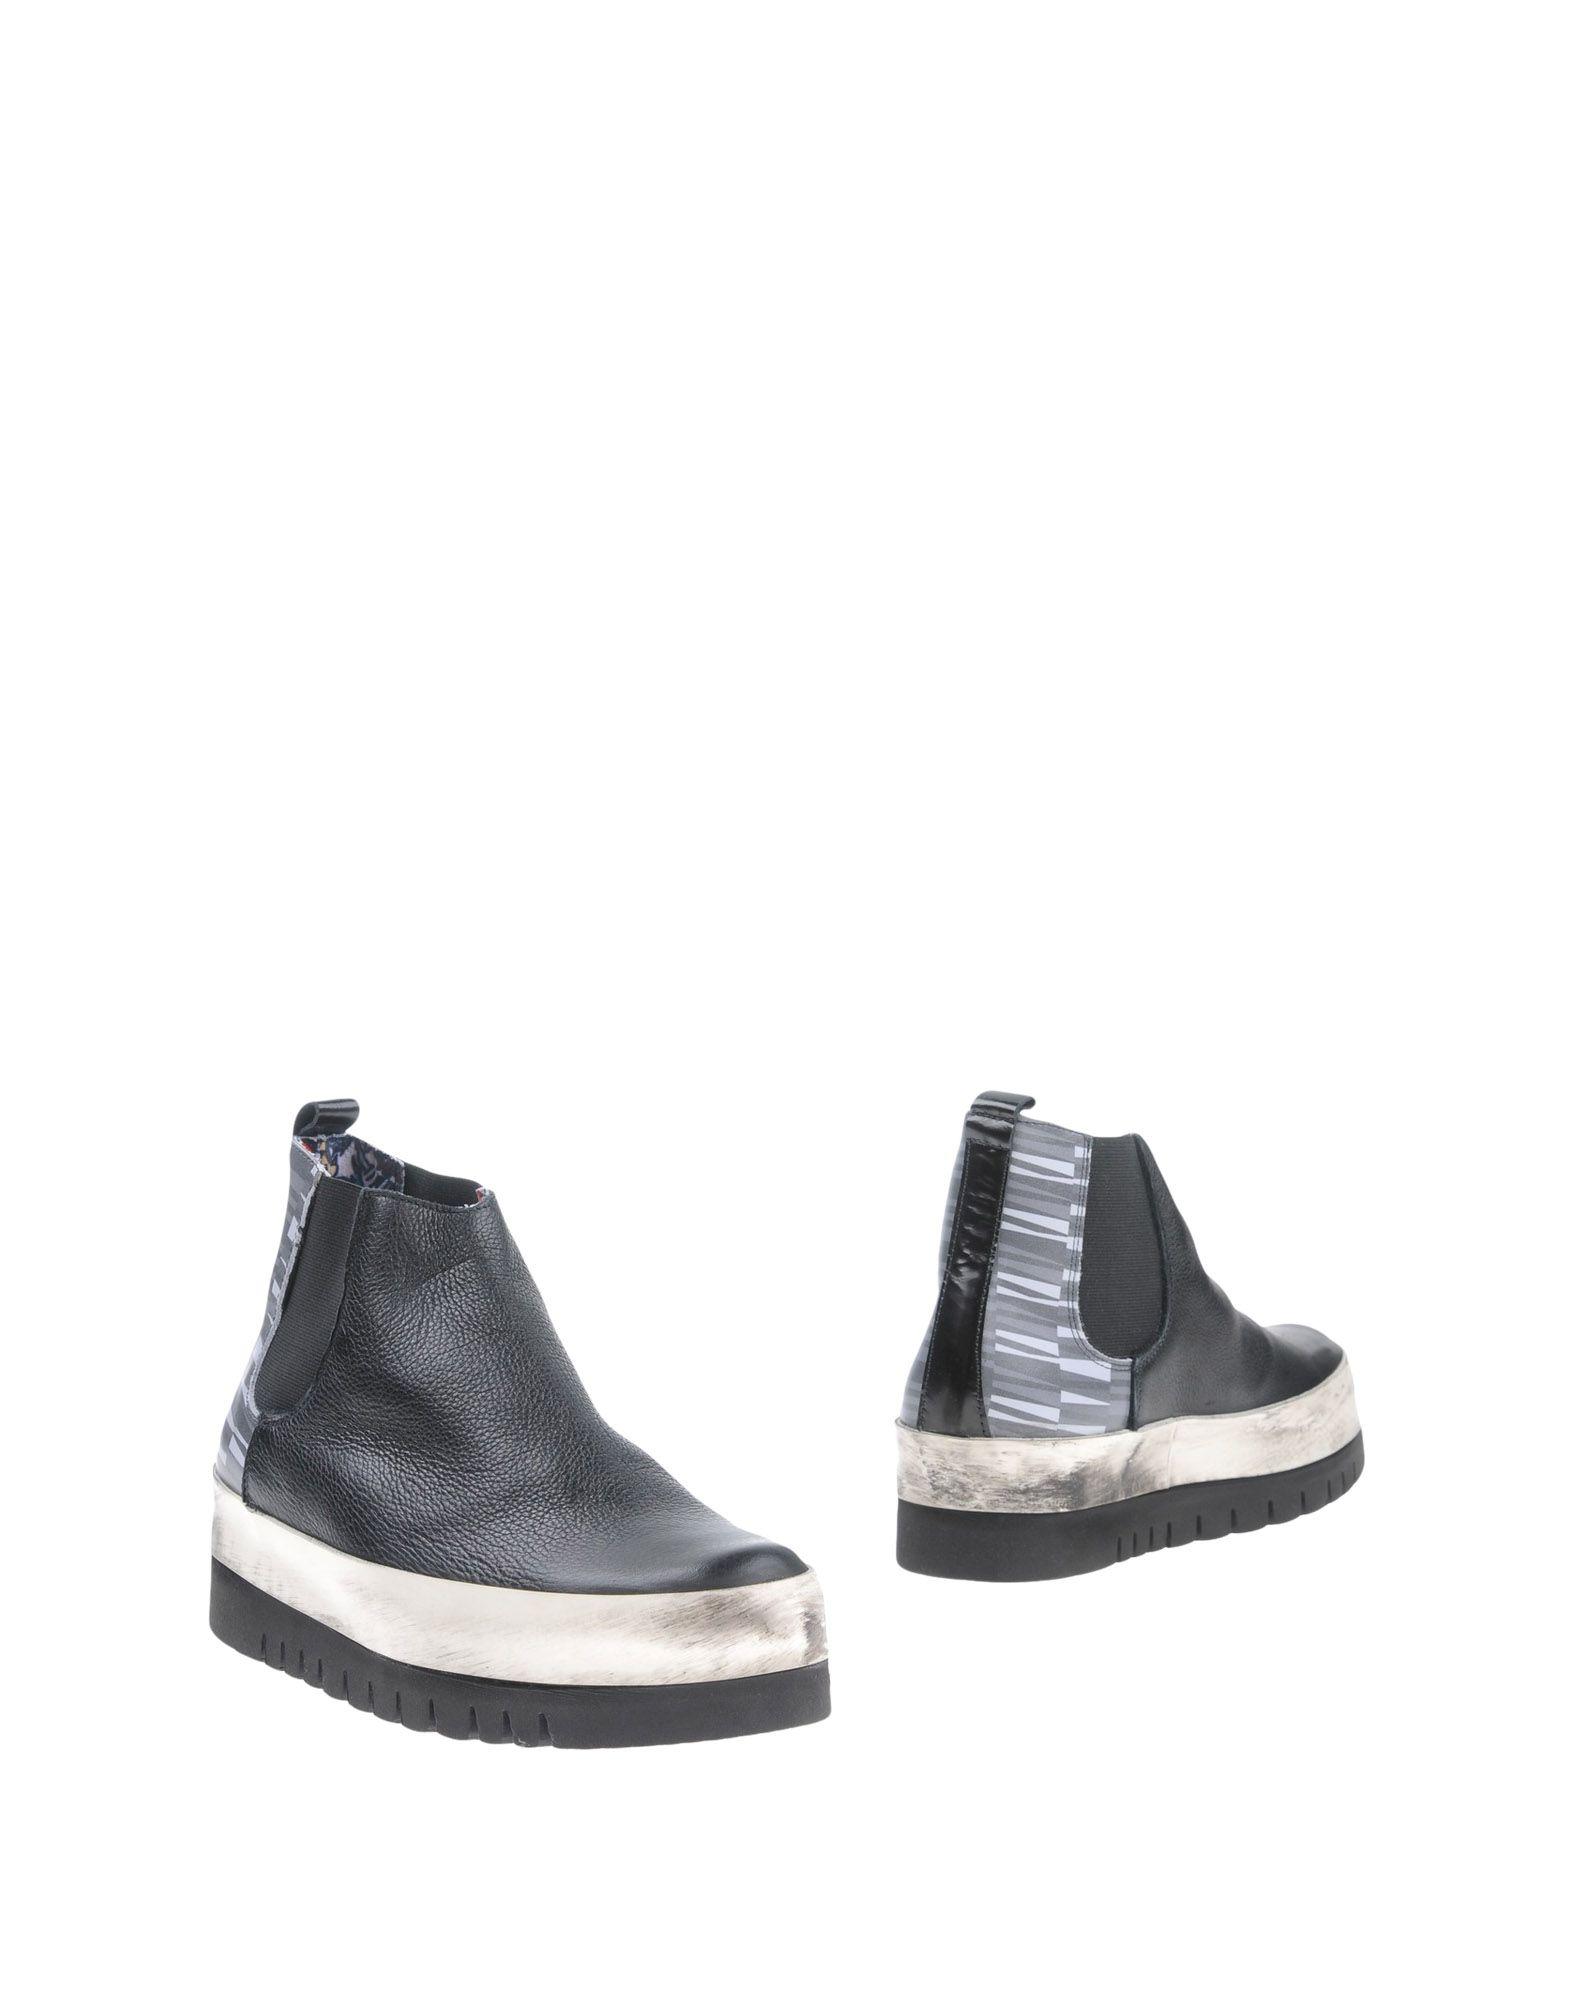 Yab Chelsea Boots Damen  11357500LL Gute Qualität beliebte Schuhe